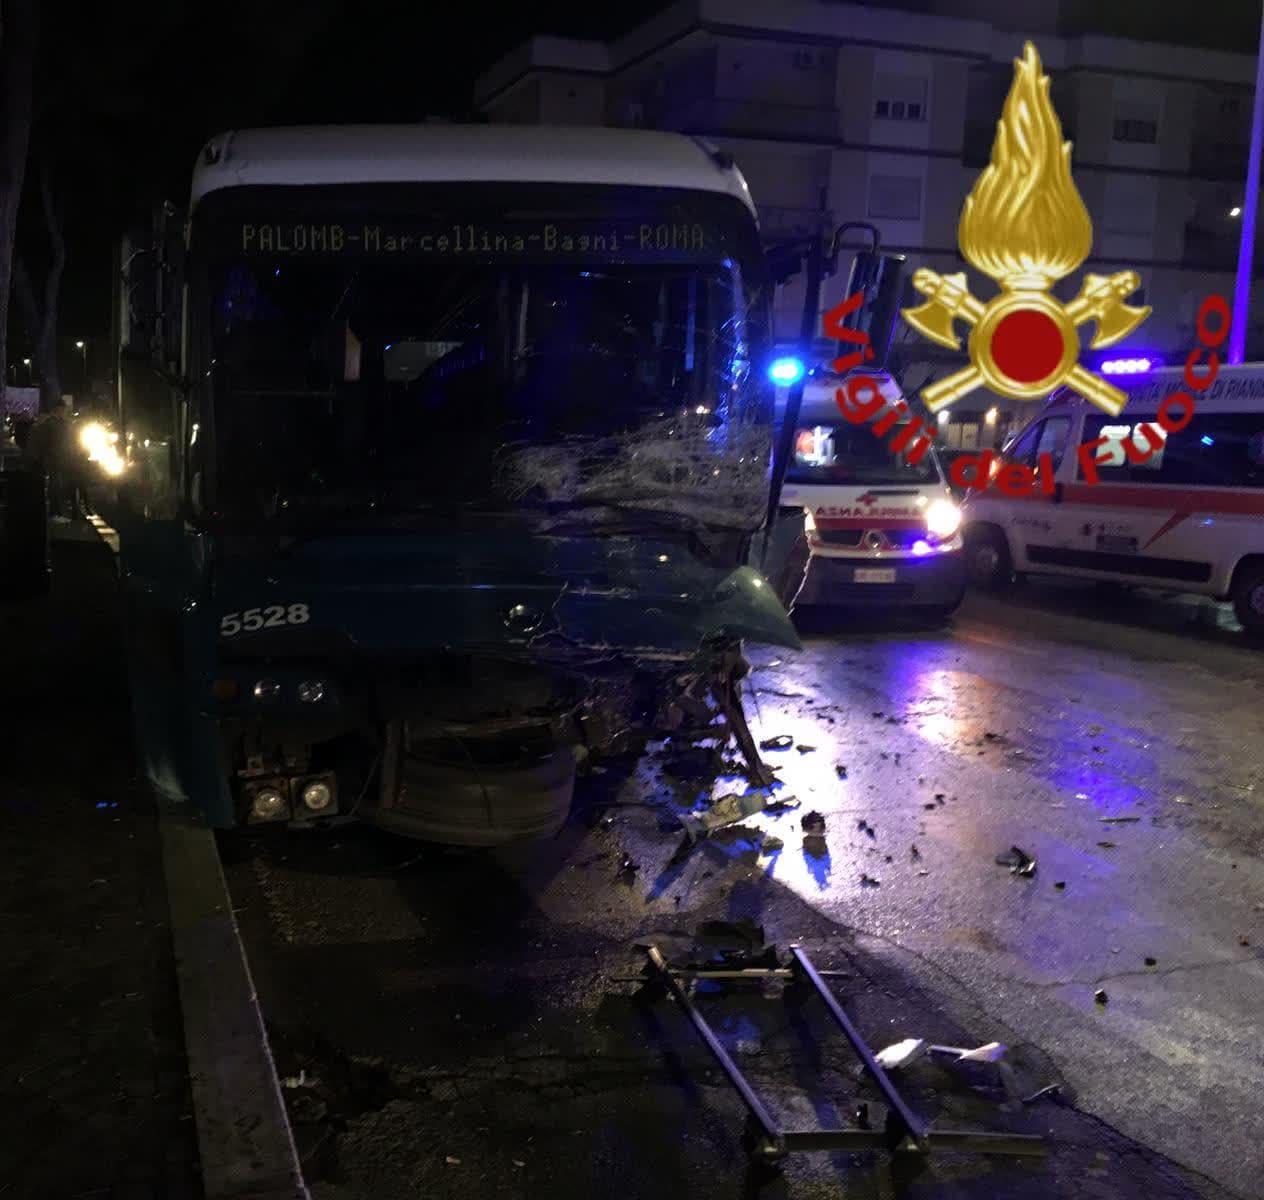 Roma, tragedia sulla Tiburtina: si scontrano una Panda ed un bus Cotral, muoiono due giovani di 19 e 21 anni